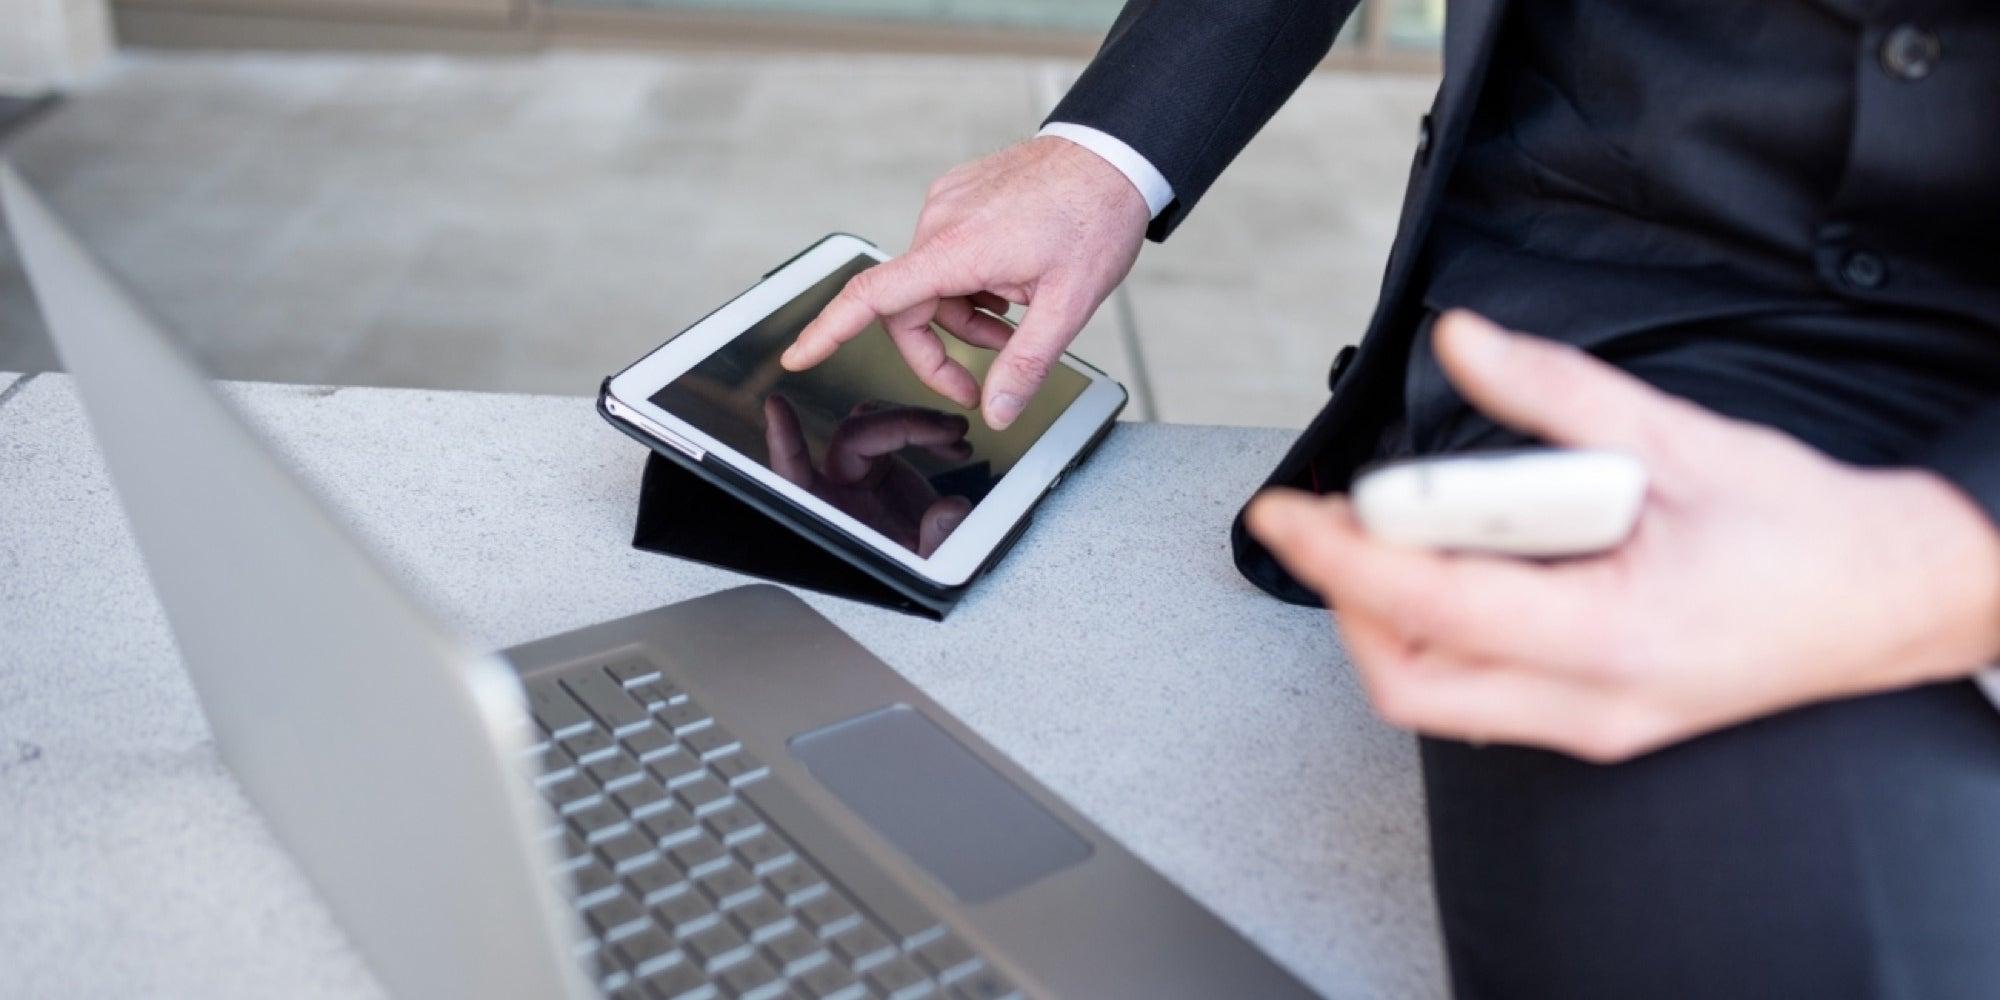 Unlock access to enterprise assets